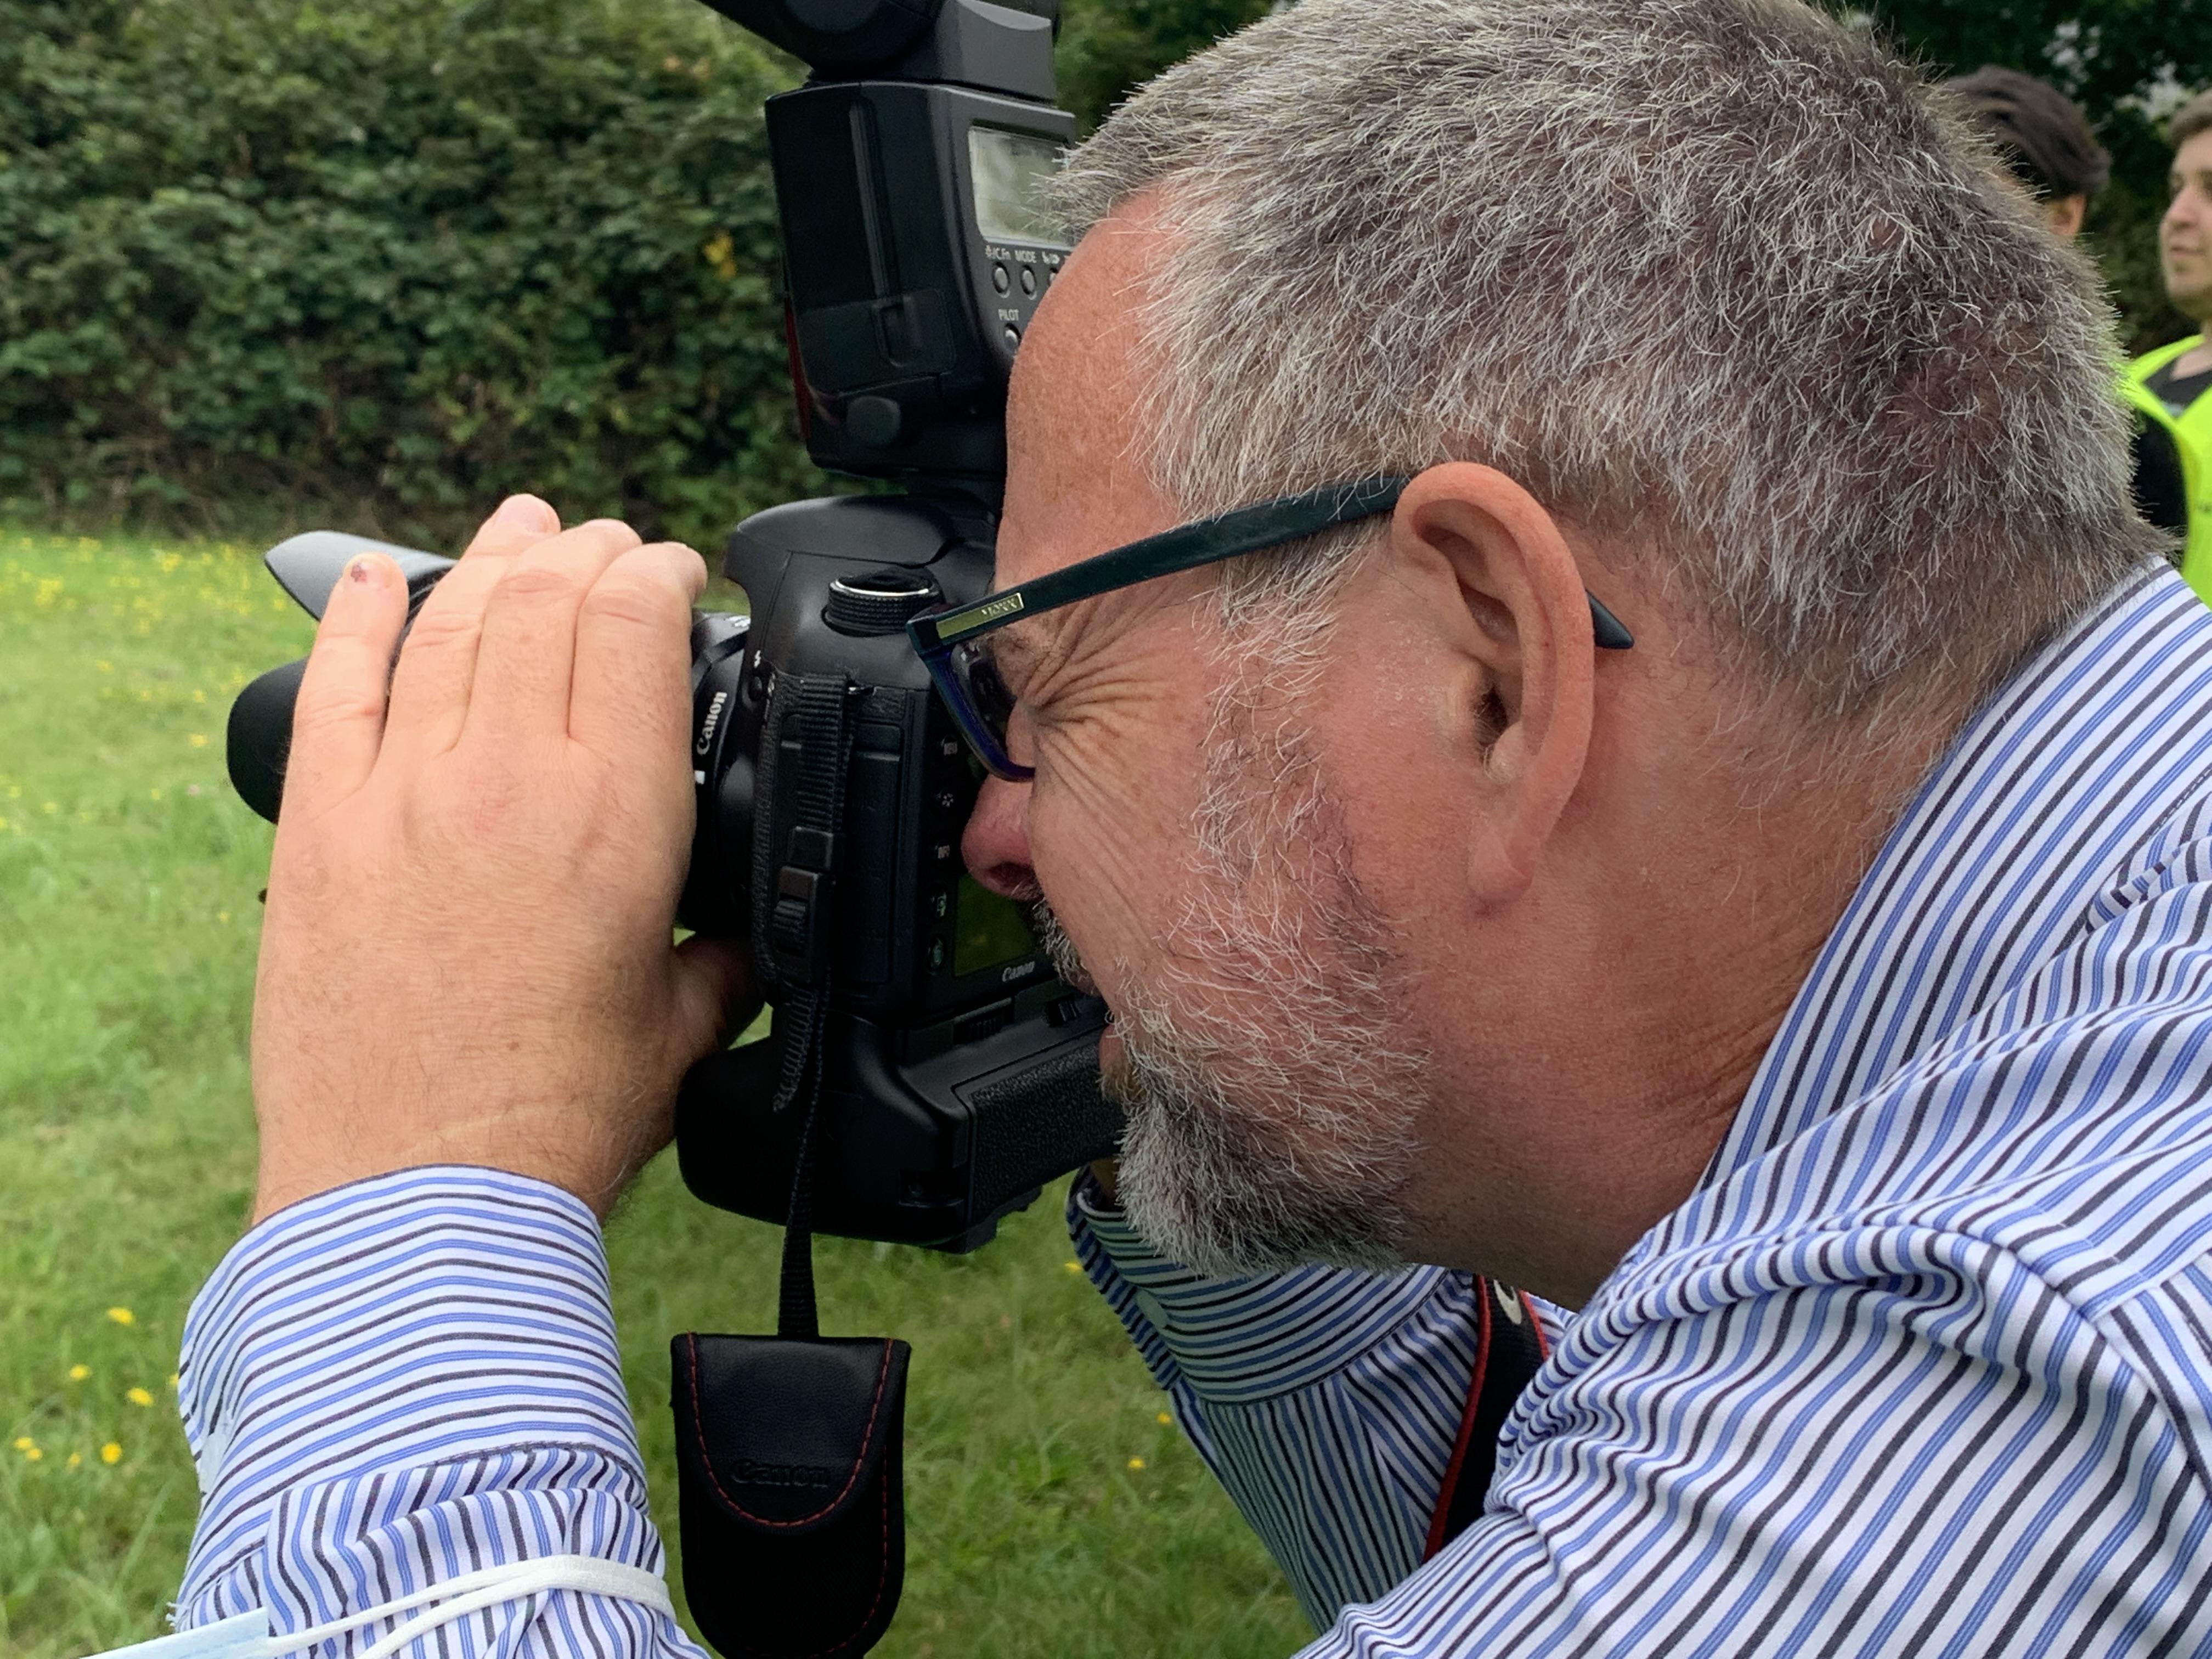 Ausbilder Michael Peukert mal nicht am Extruder, sondern an der Kamera.